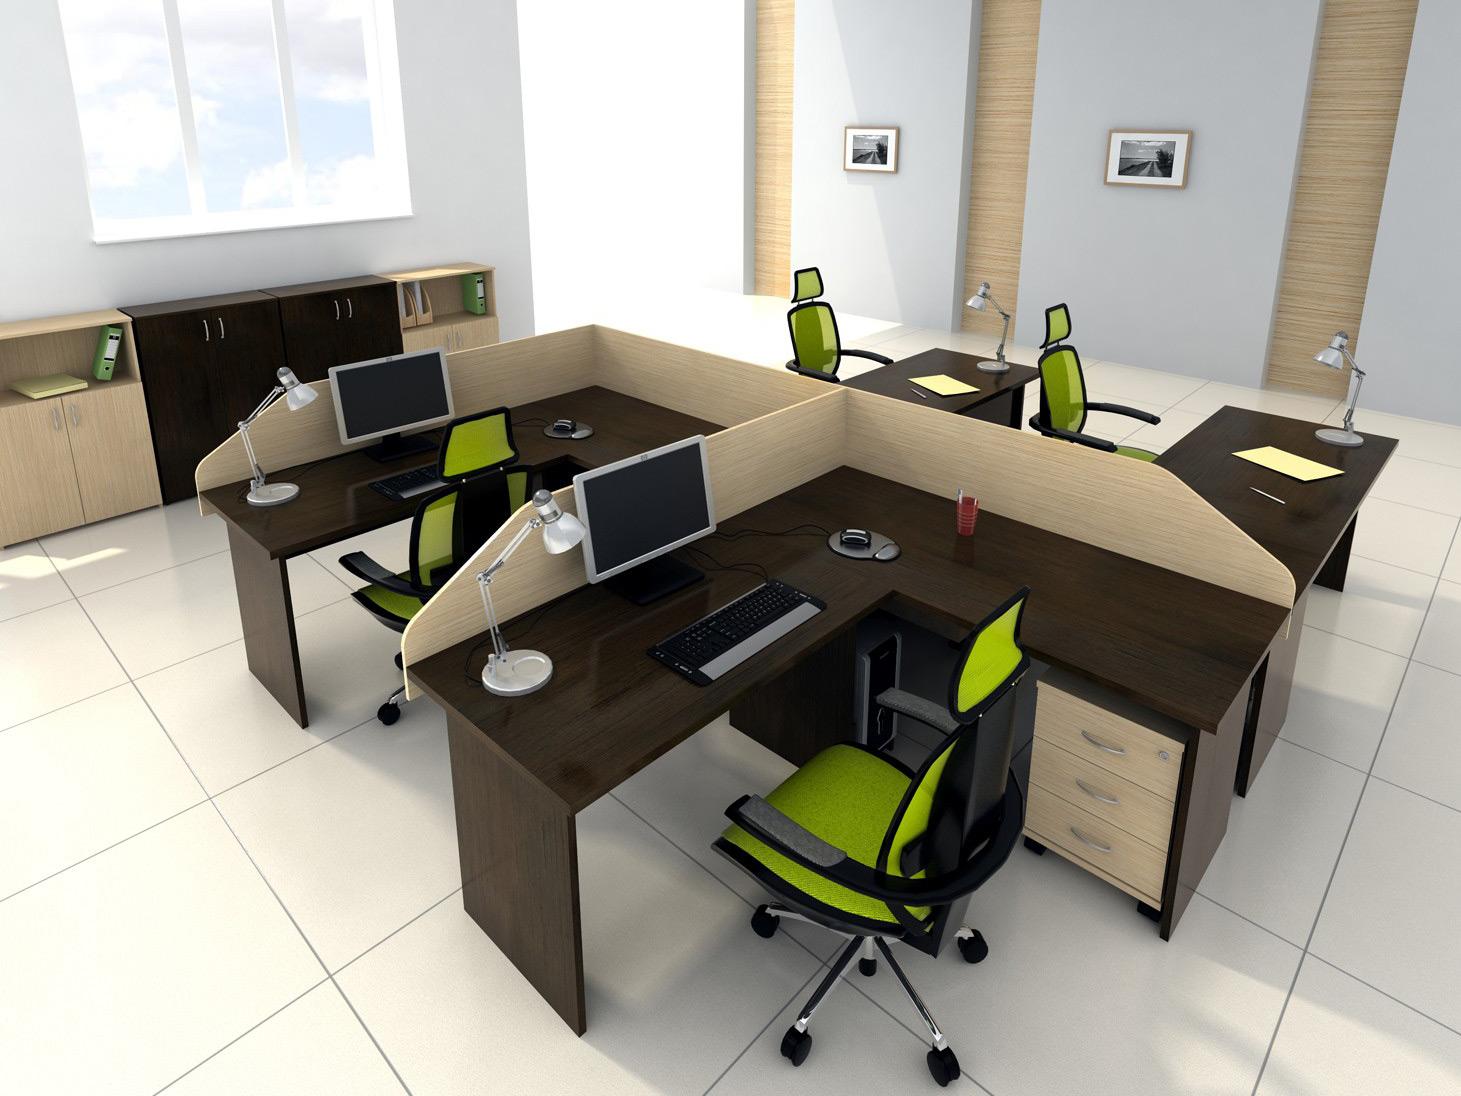 Функциональность мебели